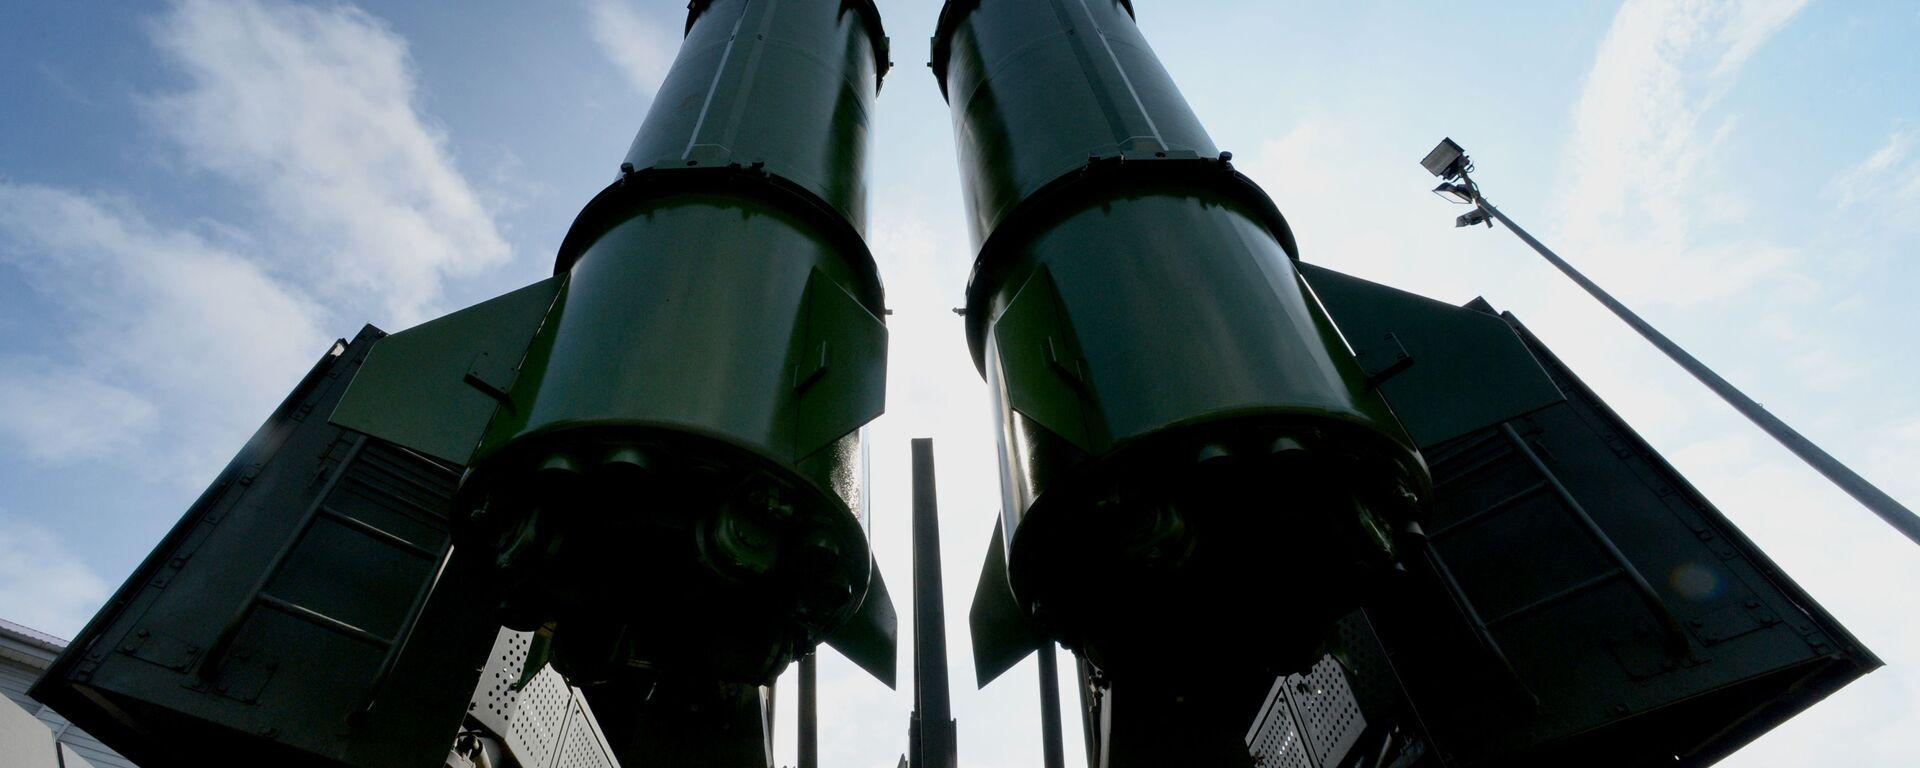 Ракетный комплекс Искандер-М на церемонии открытия Международного военно-технического форума АРМИЯ-2016 во Владивостоке - Sputnik Тоҷикистон, 1920, 05.10.2021